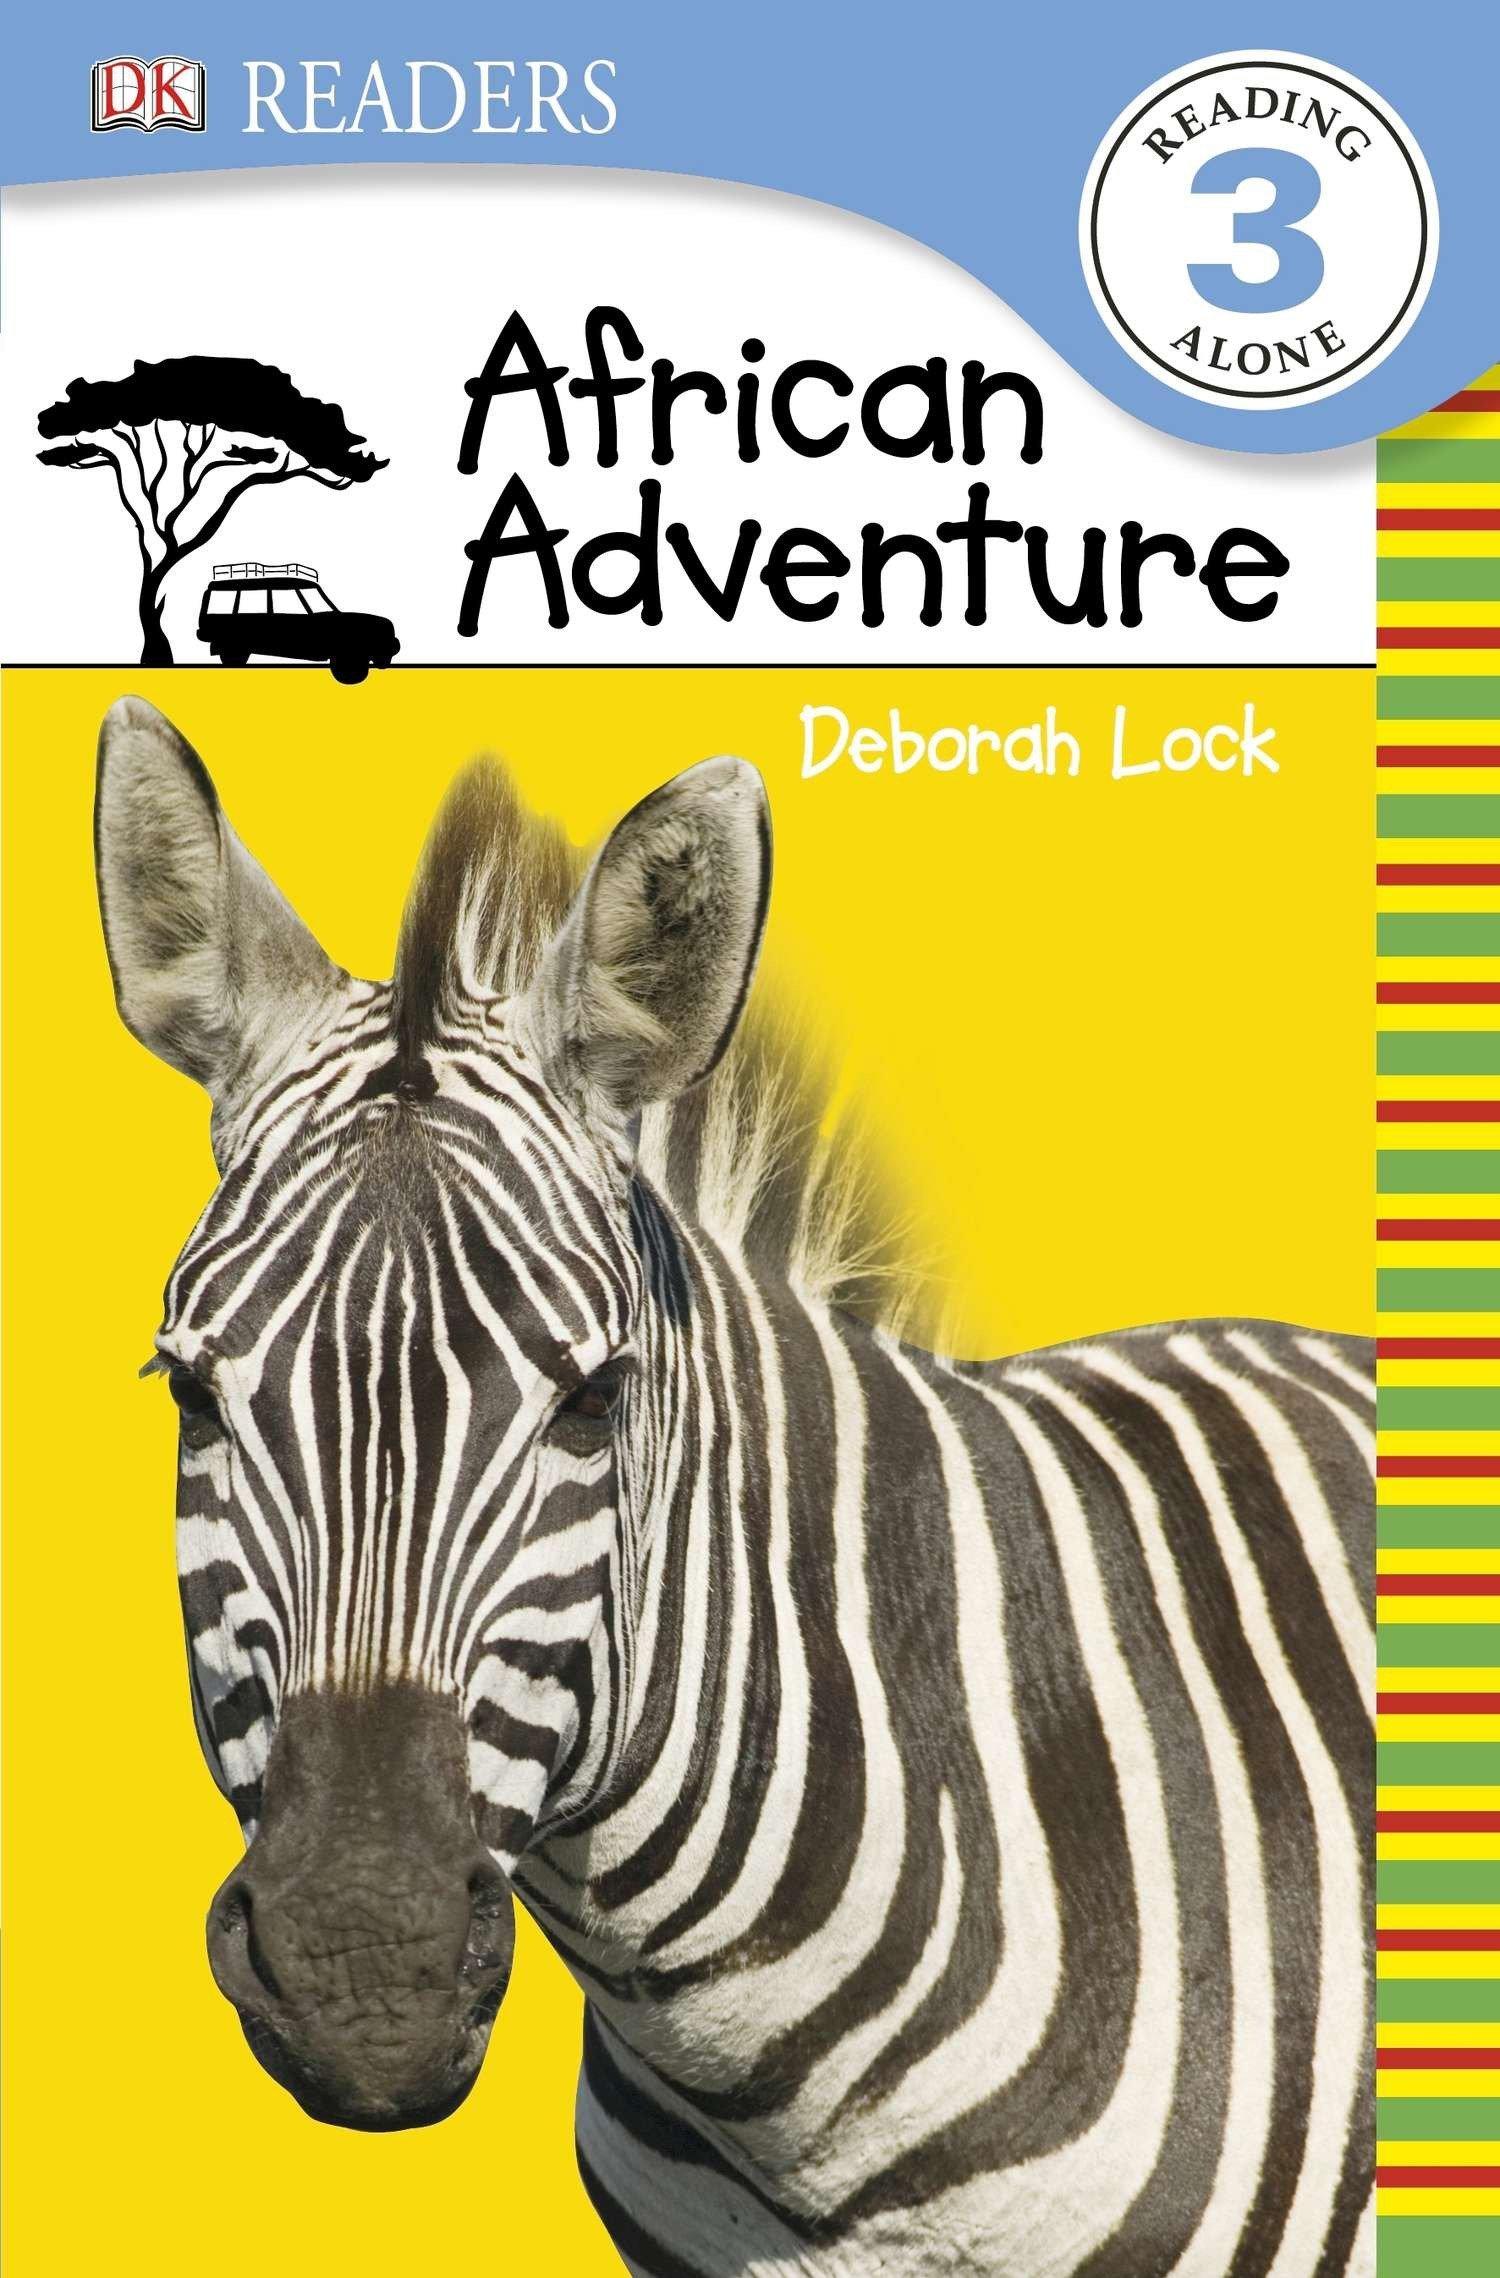 DK Readers L3: African Adventure ebook